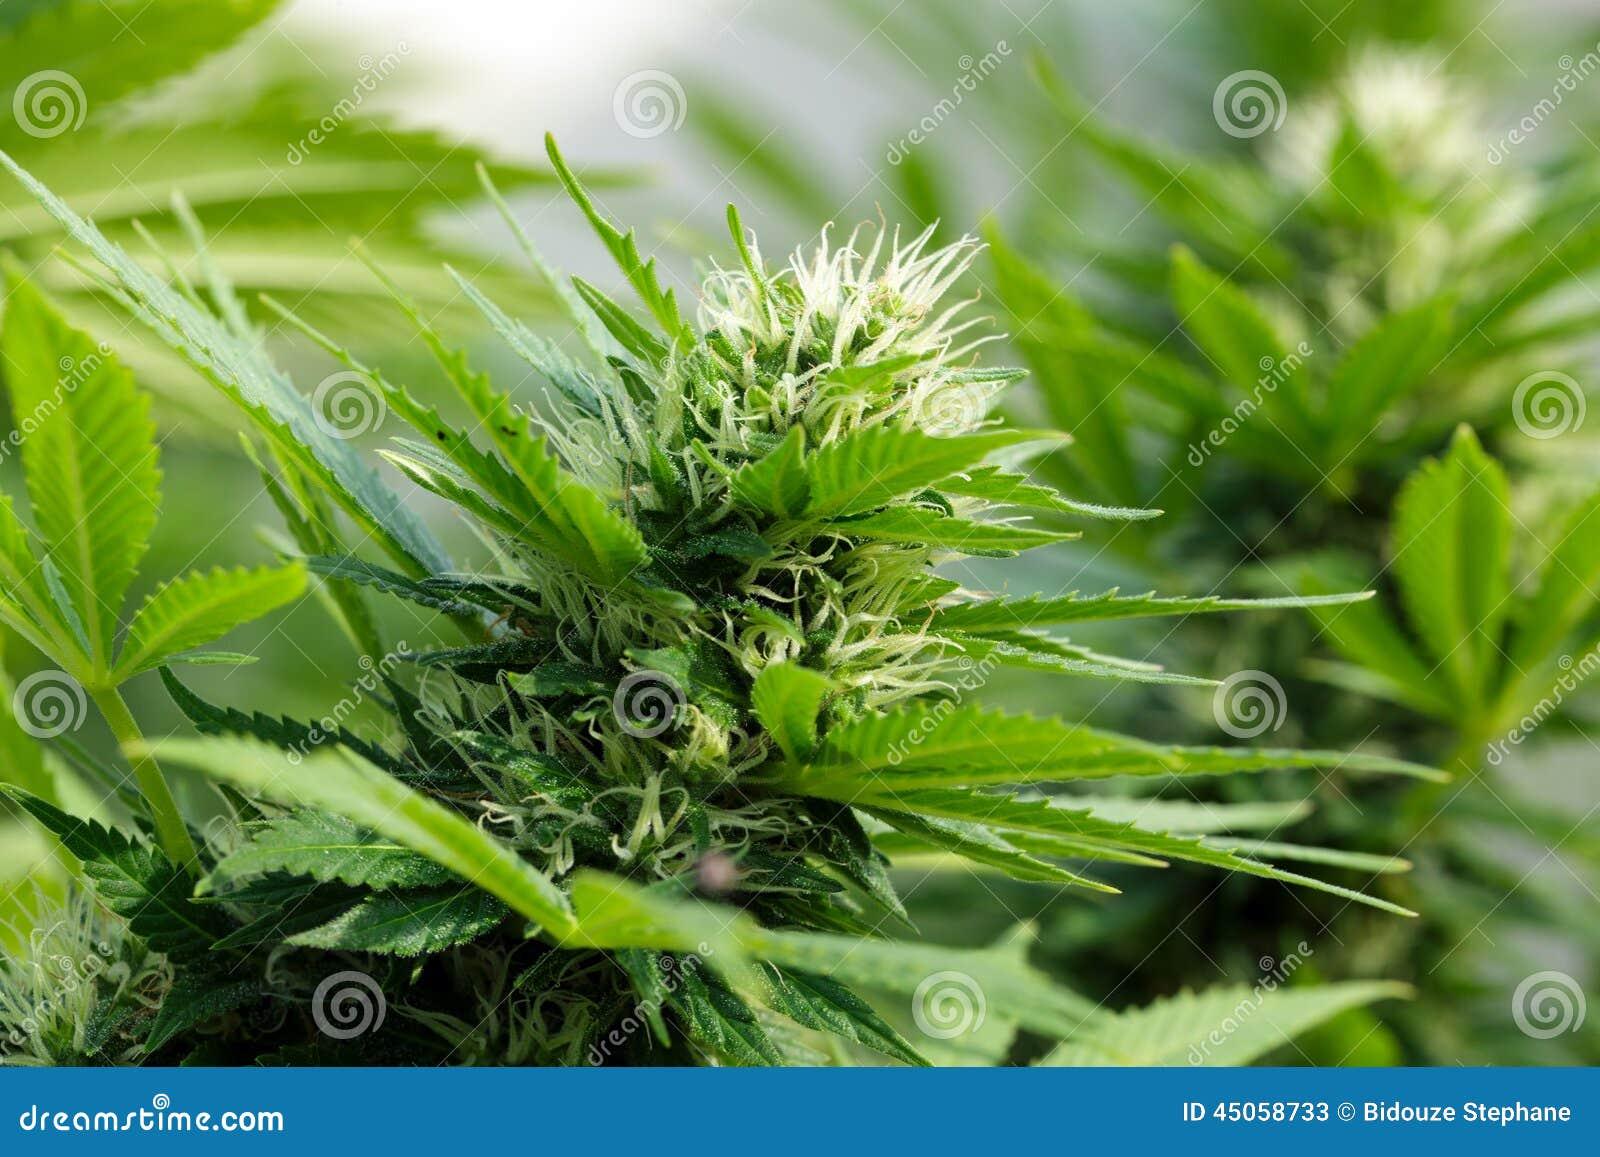 Detail van een Cannabis flowerhead